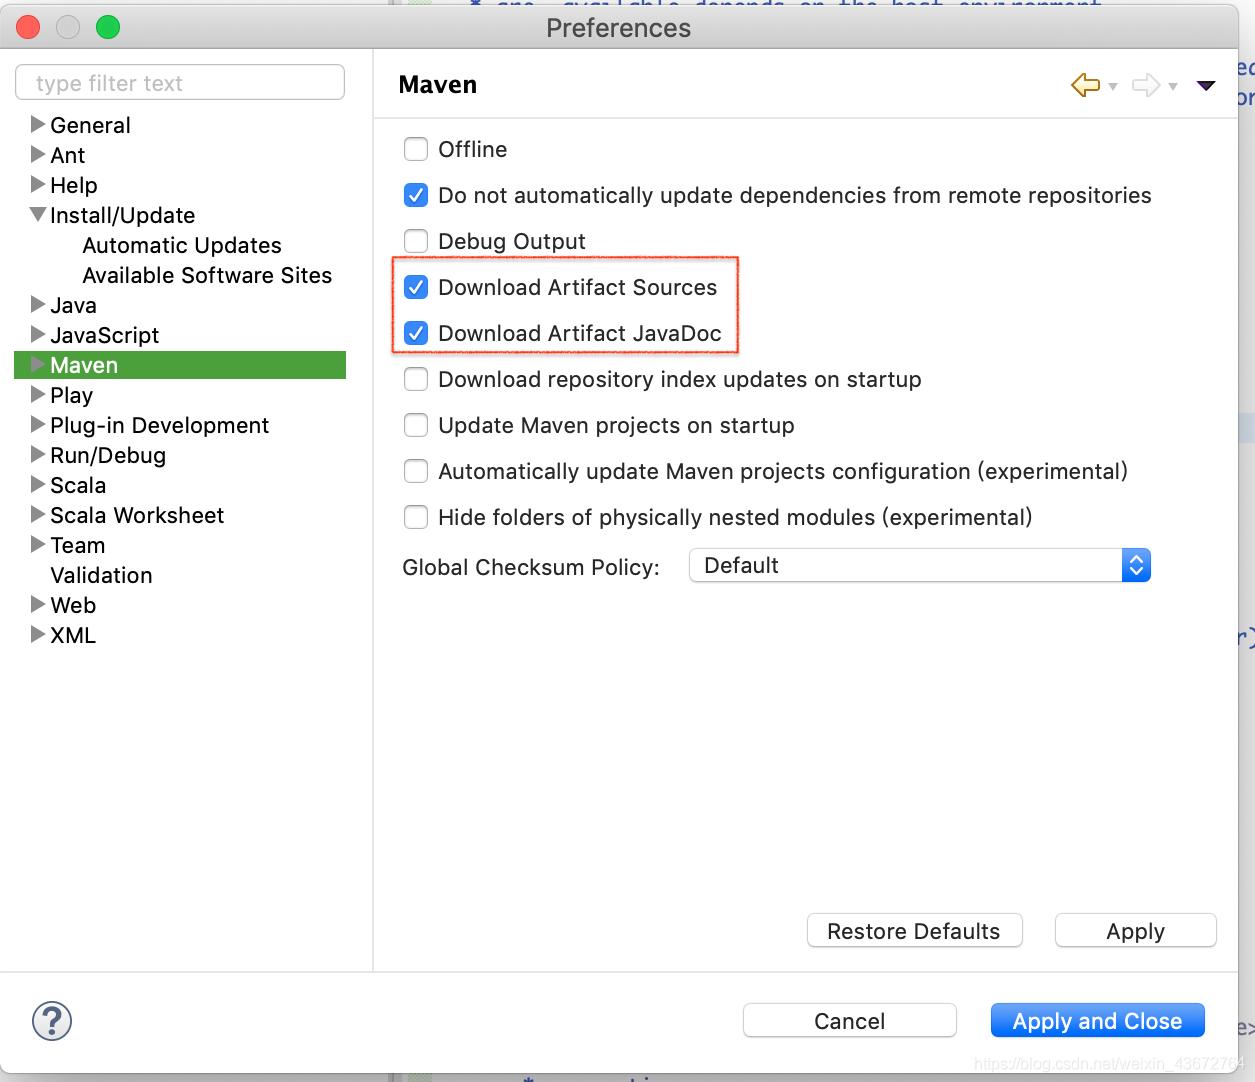 配置 eclipse 自动下载 maven 依赖包对应的源代码和 javadoc 文件